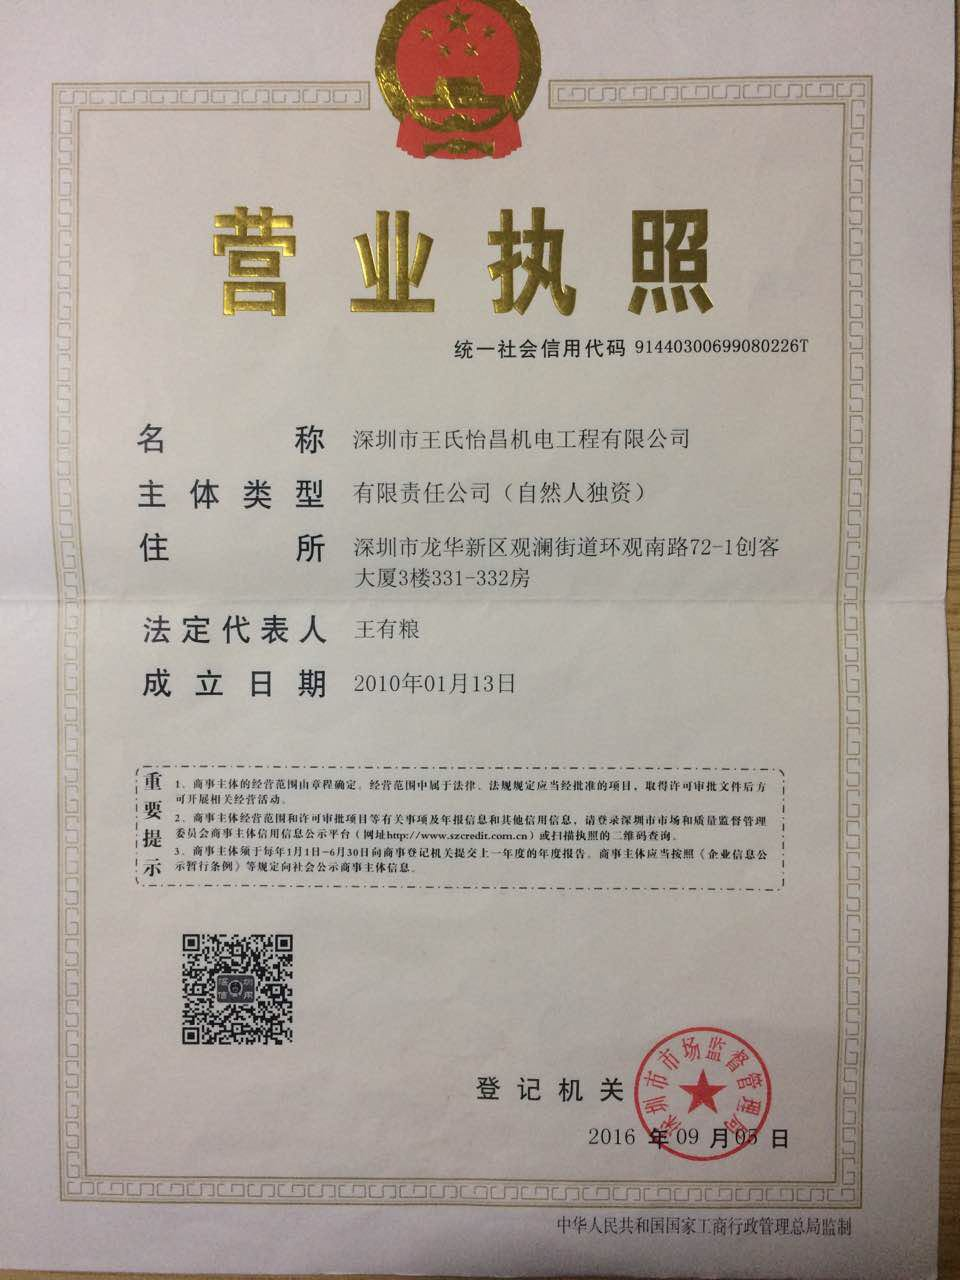 深圳王氏怡昌机电工程有限公司